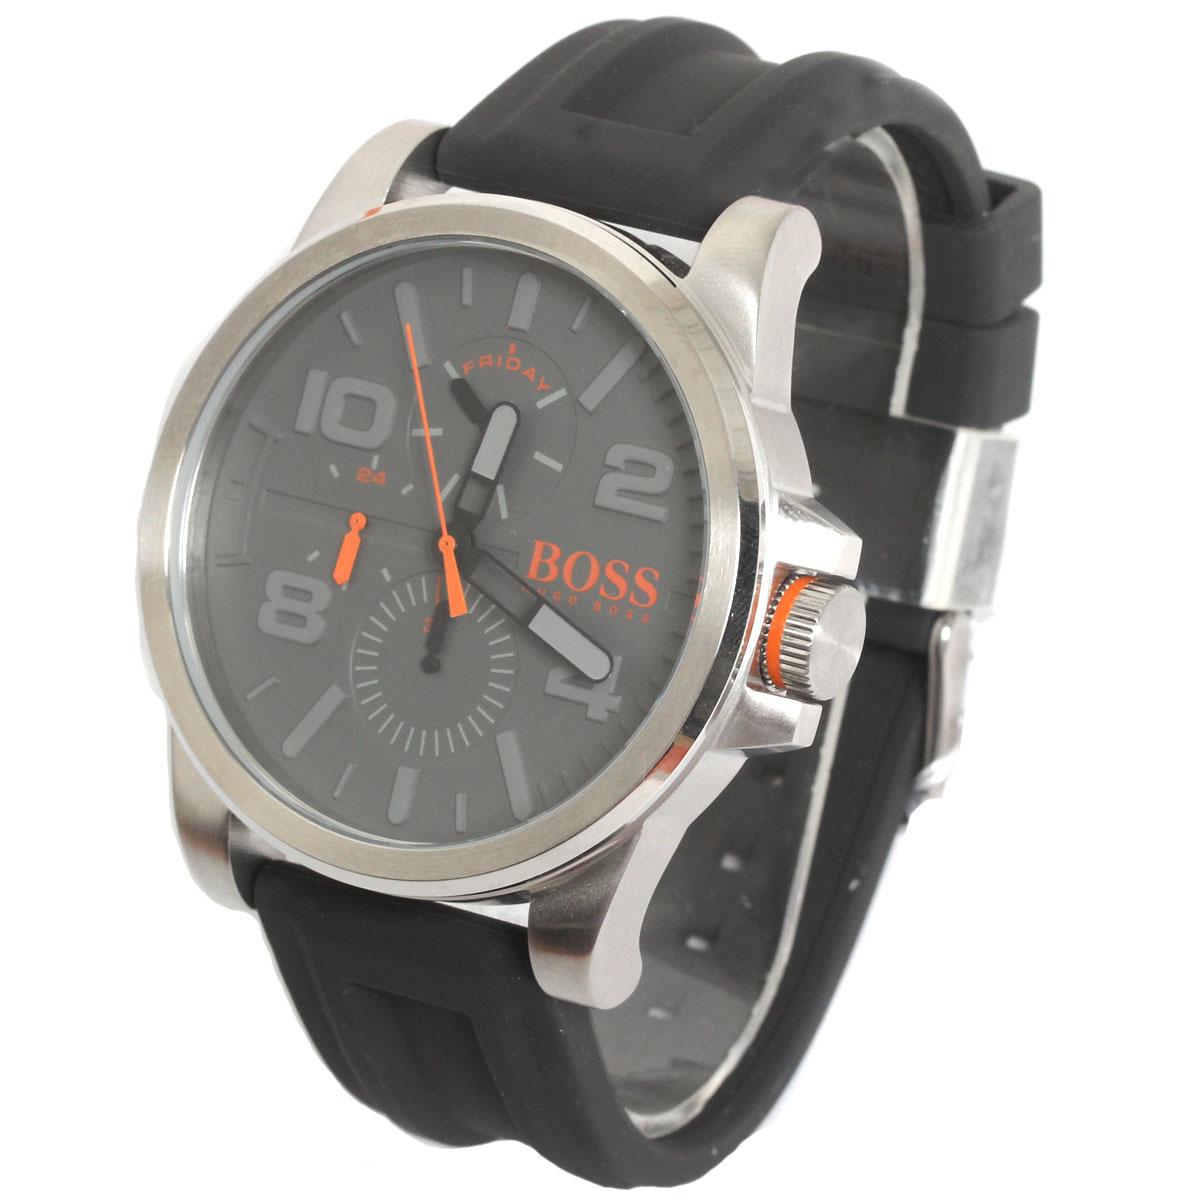 BOSS HUGO BOSS ボス ヒューゴボス 腕時計 1550007 Orange Cape Town メンズ ラウンド グレイ シルバー ラバーベルト